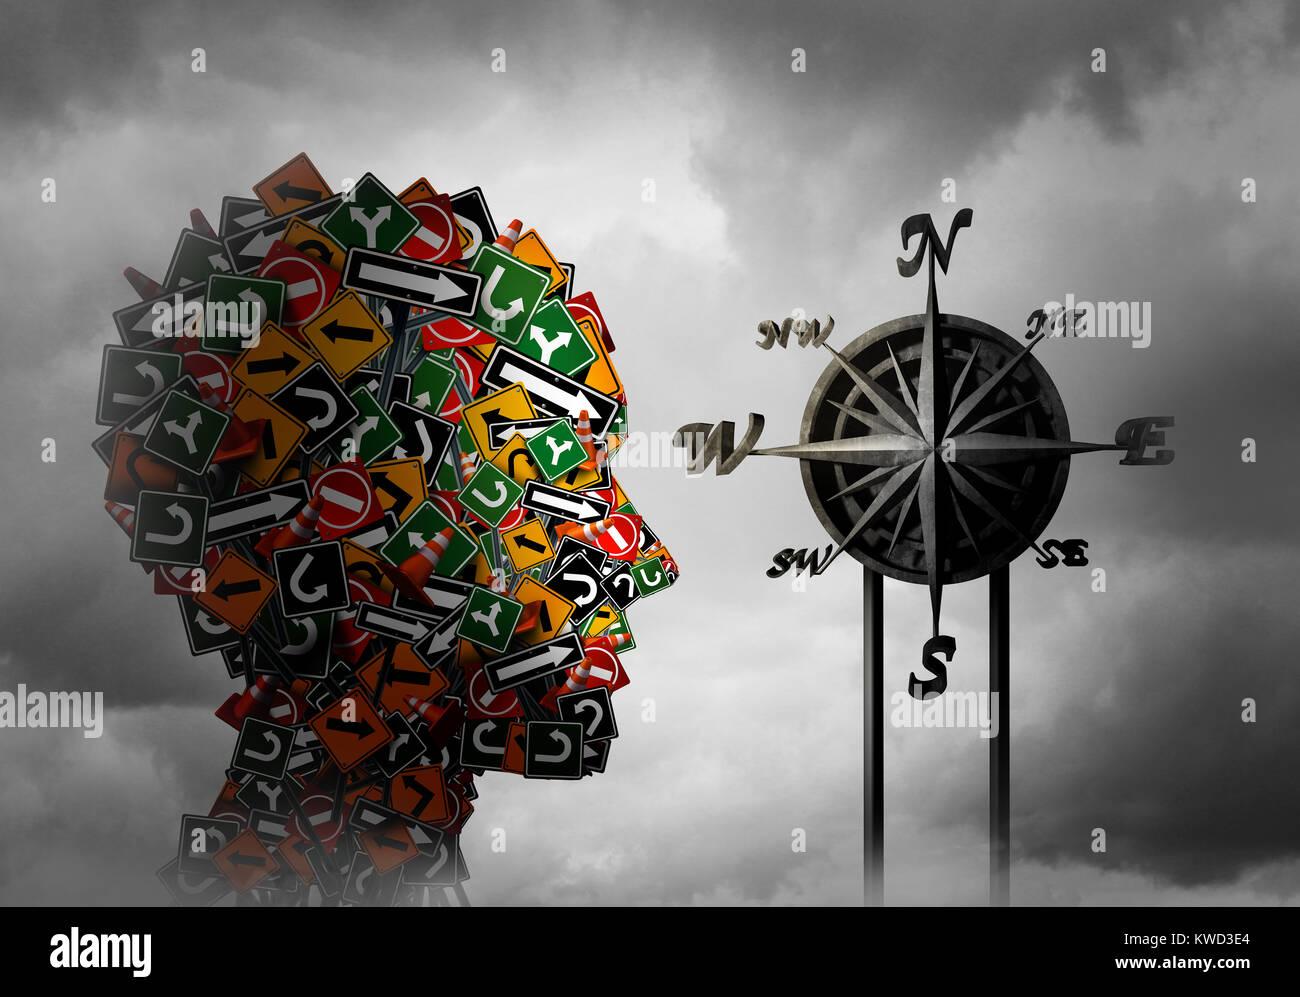 La vida y la psicología de la brújula dirección o asesoramiento psicológico y orientación Imagen De Stock